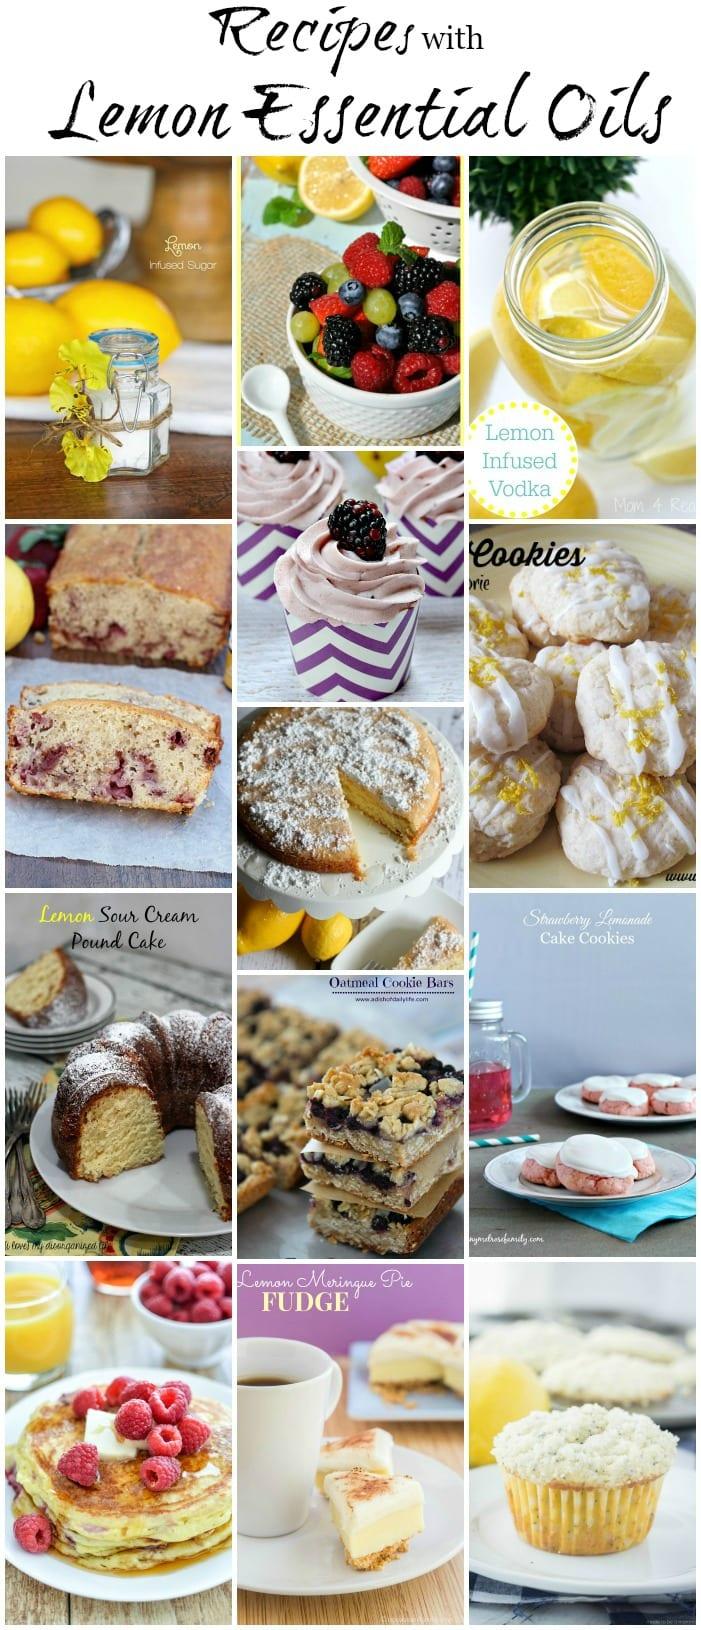 Recipes with Lemon Essential Oils